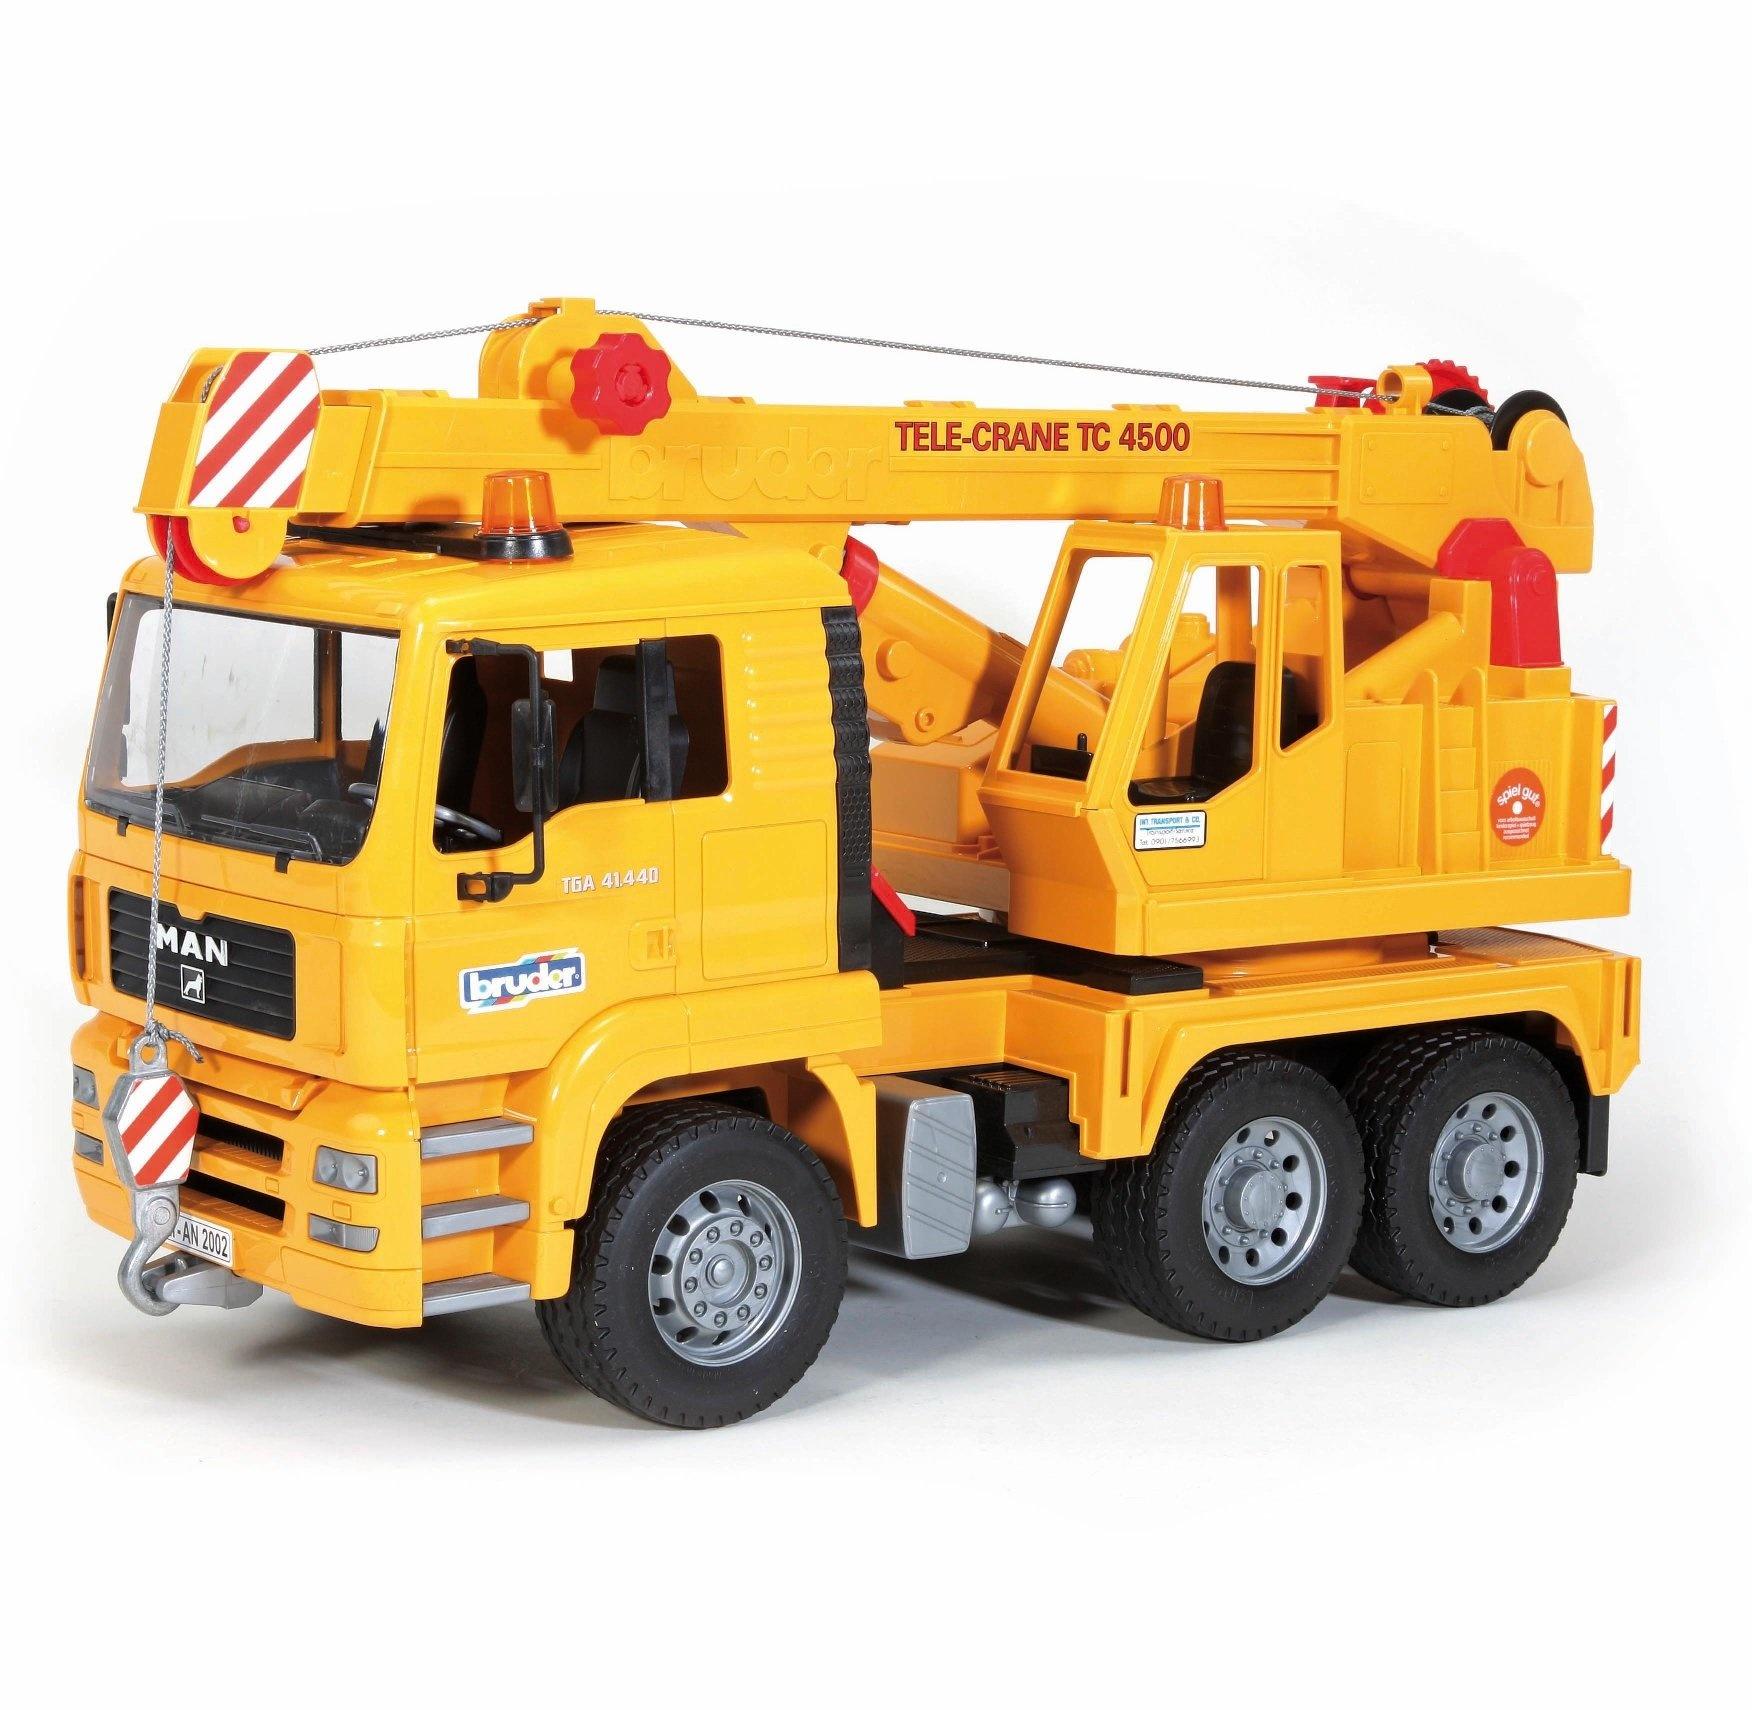 Bruder MAN Crane Truck-2